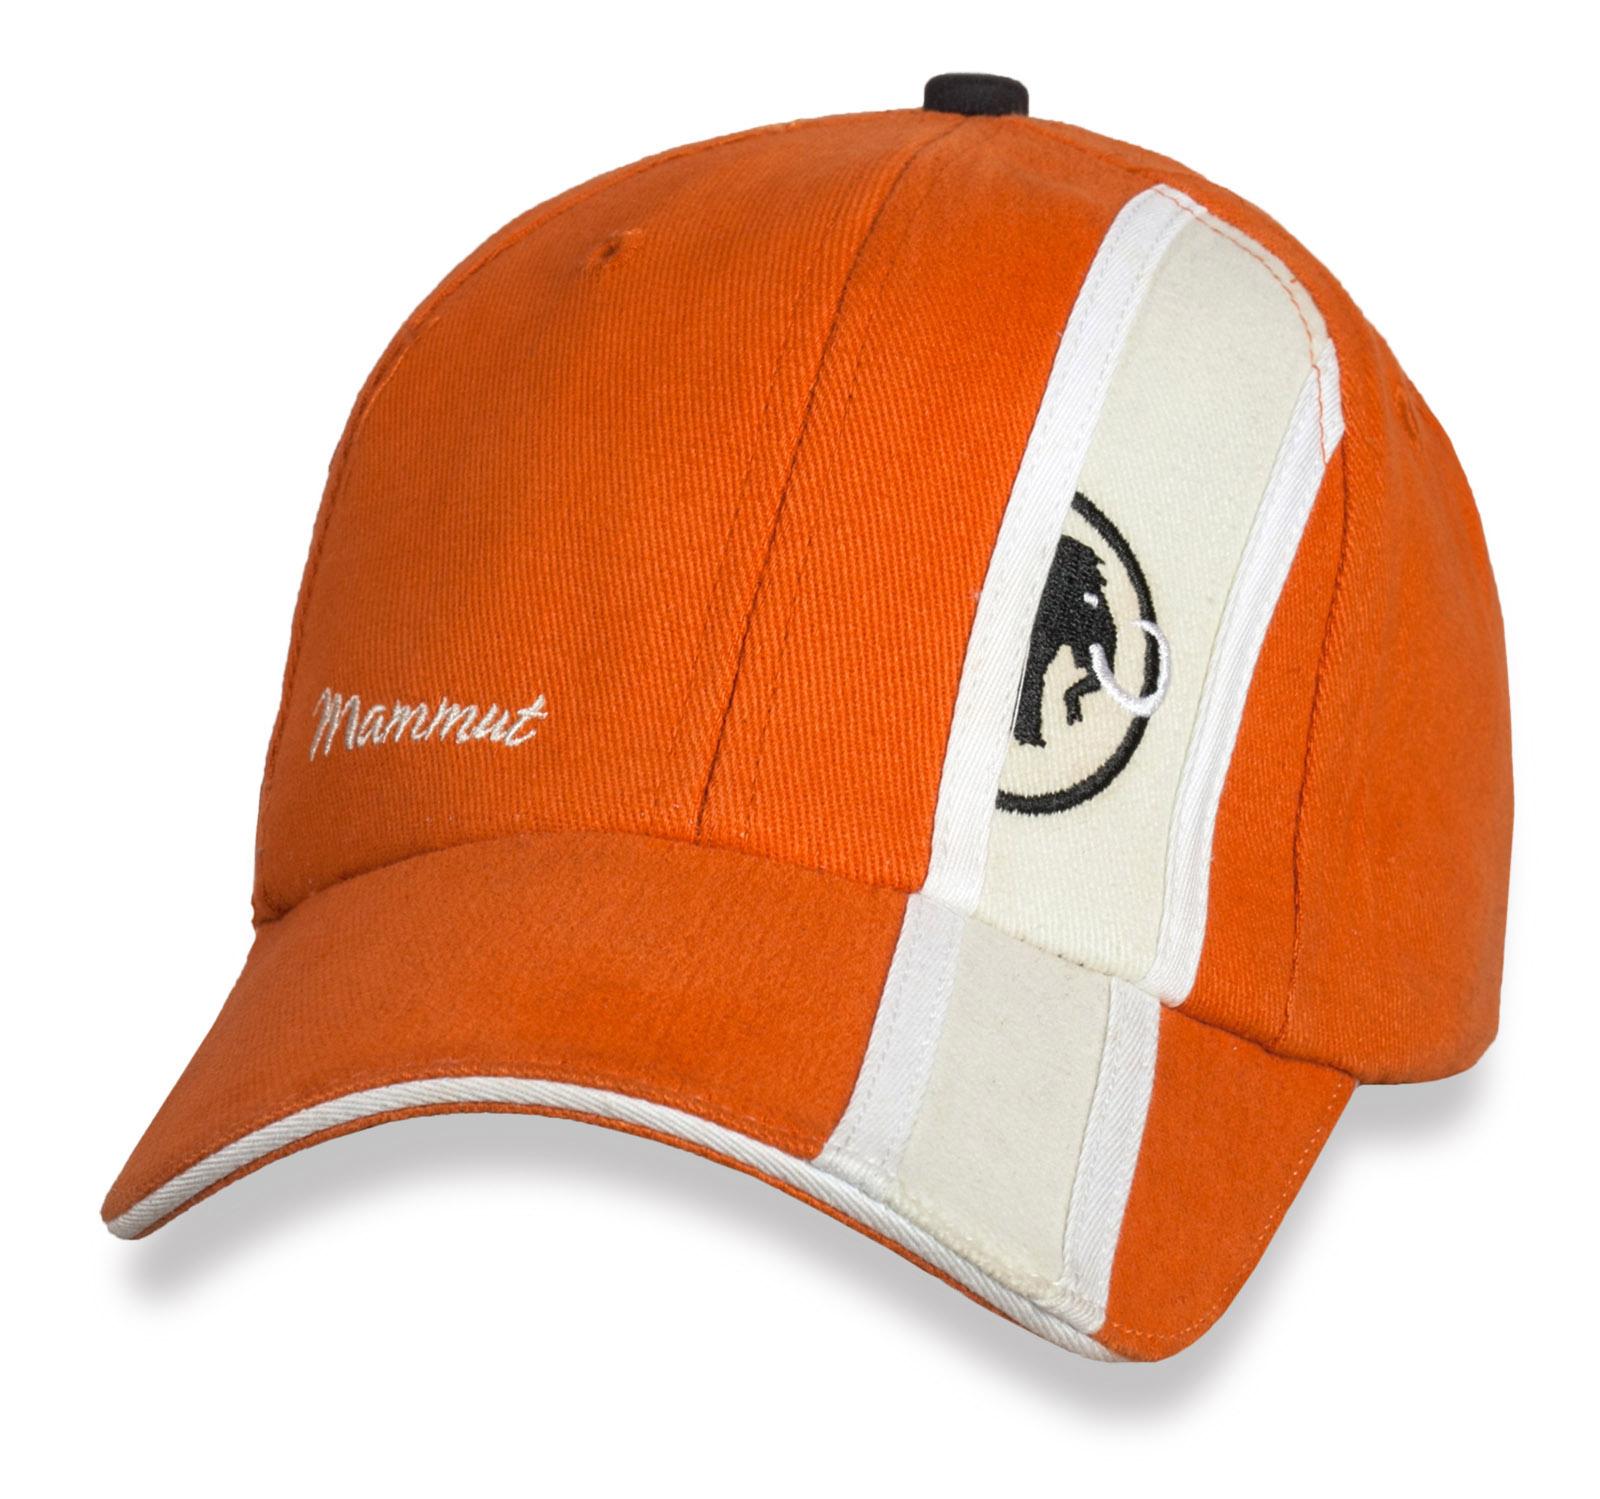 Прикольные кепки в наличии в Москве – цена крутых моделей всего 100 рублей!